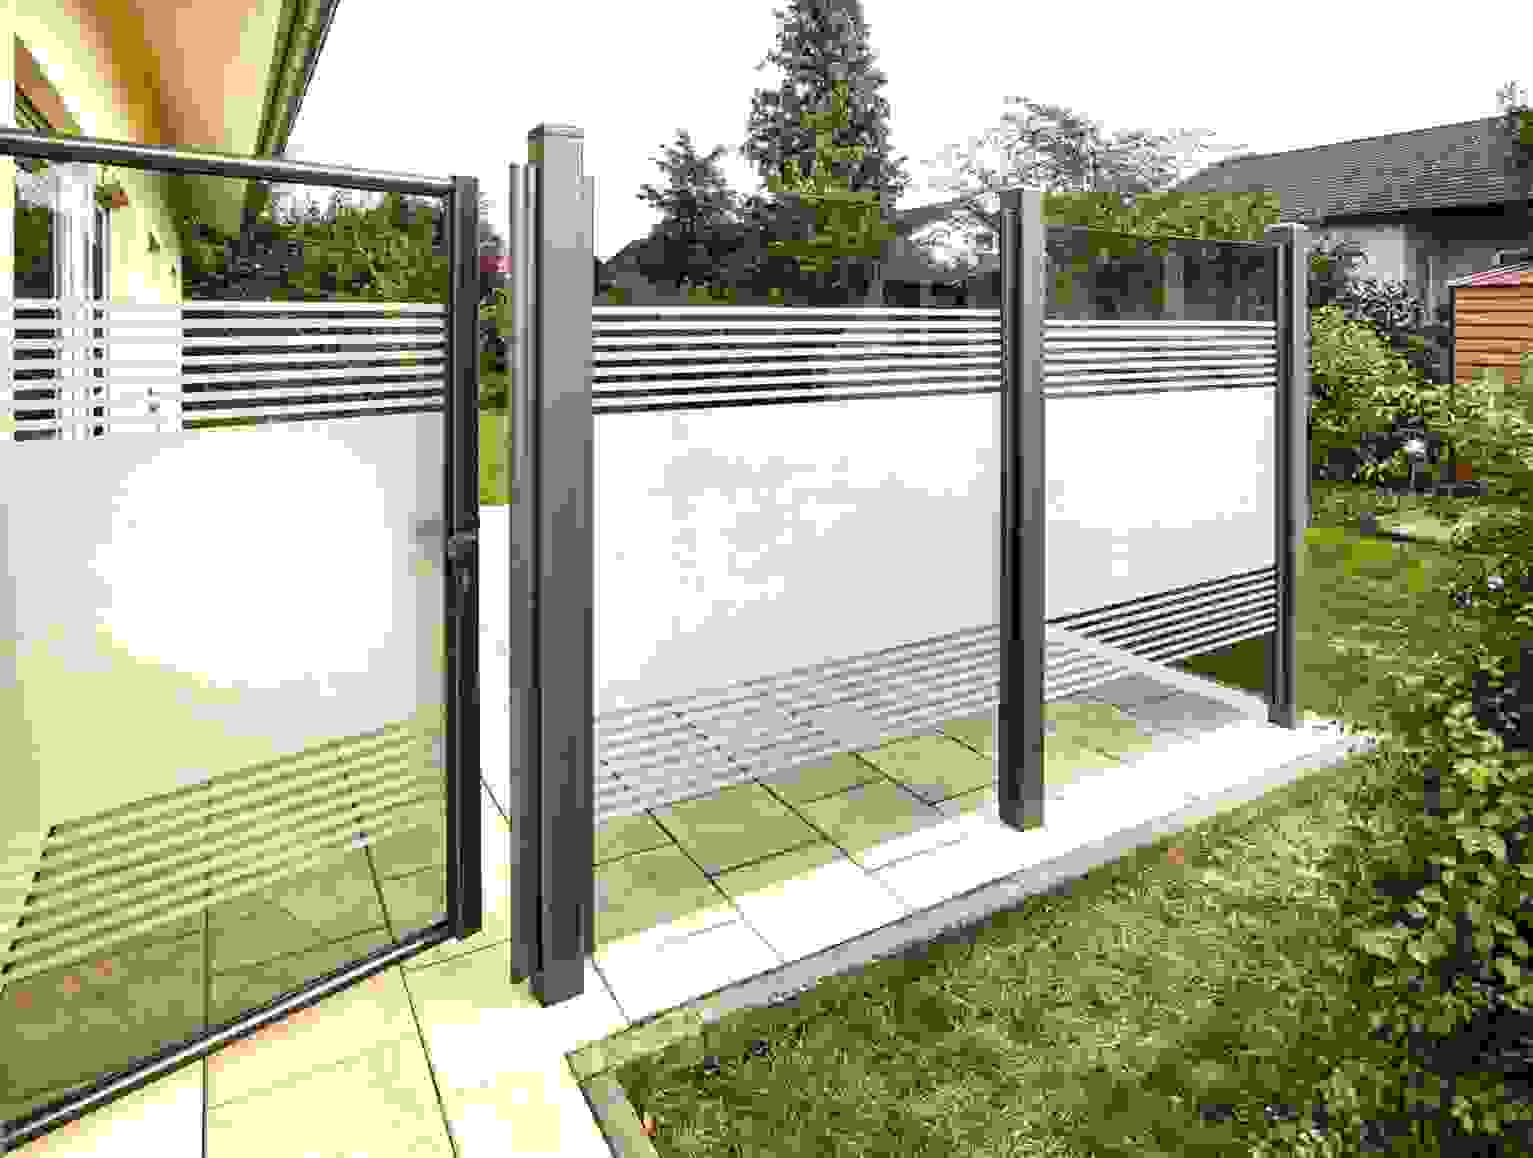 Einzigartig 40 Balkon Sichtschutz Selber Machen Konzept von Balkon Sichtschutz Selber Bauen Bild